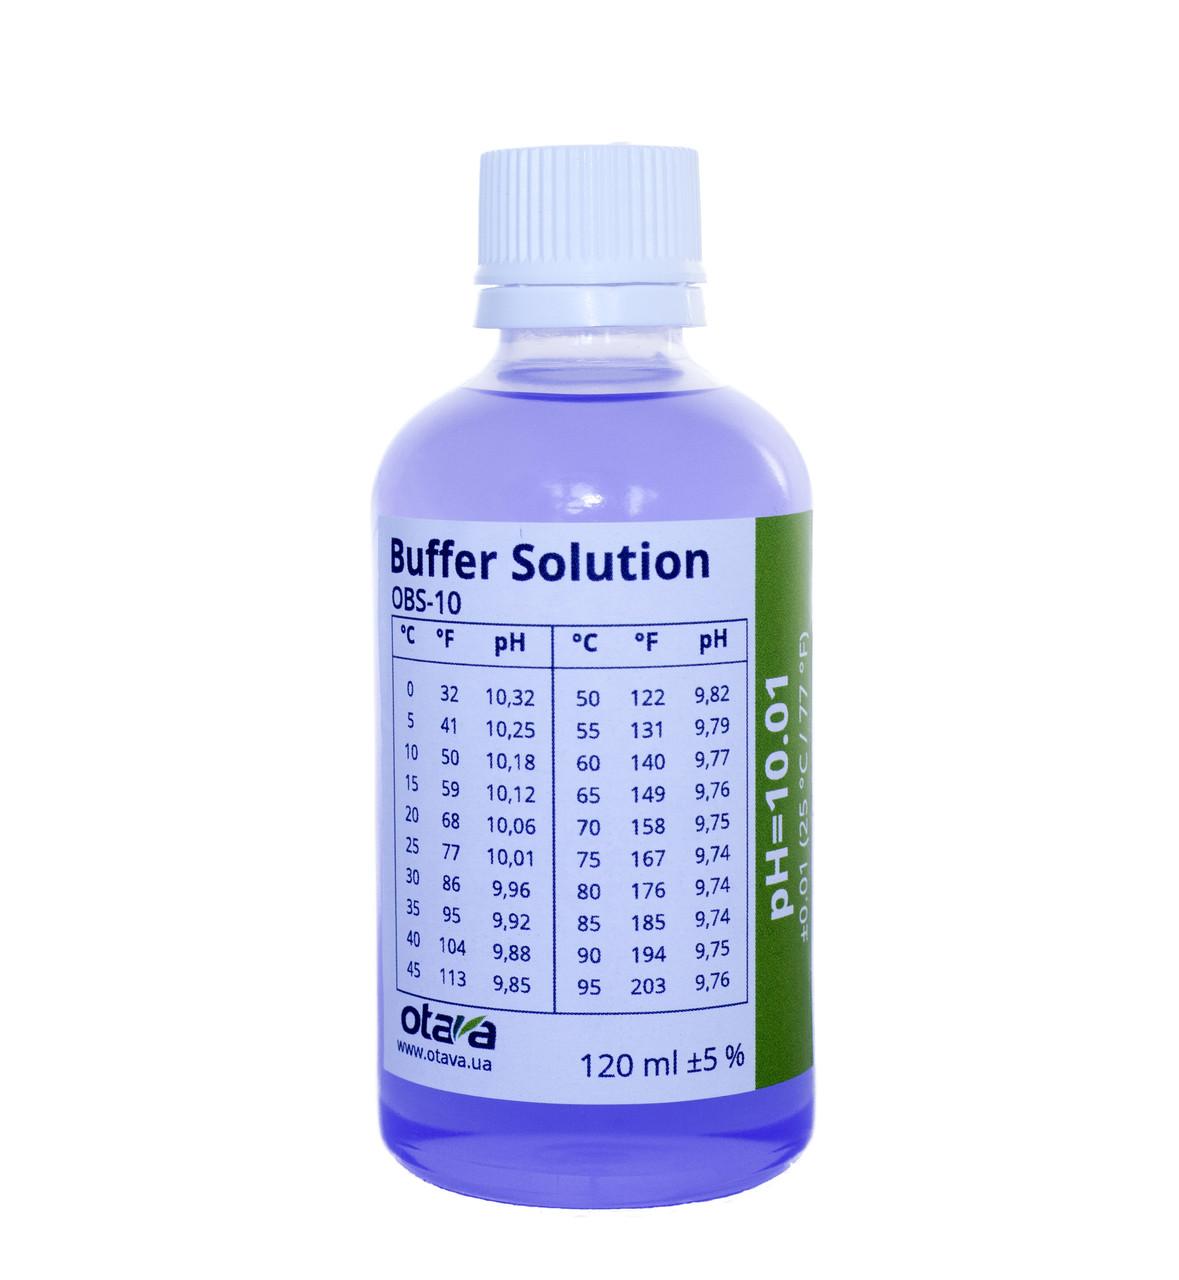 Буферний розчин pH 10 OBS-10